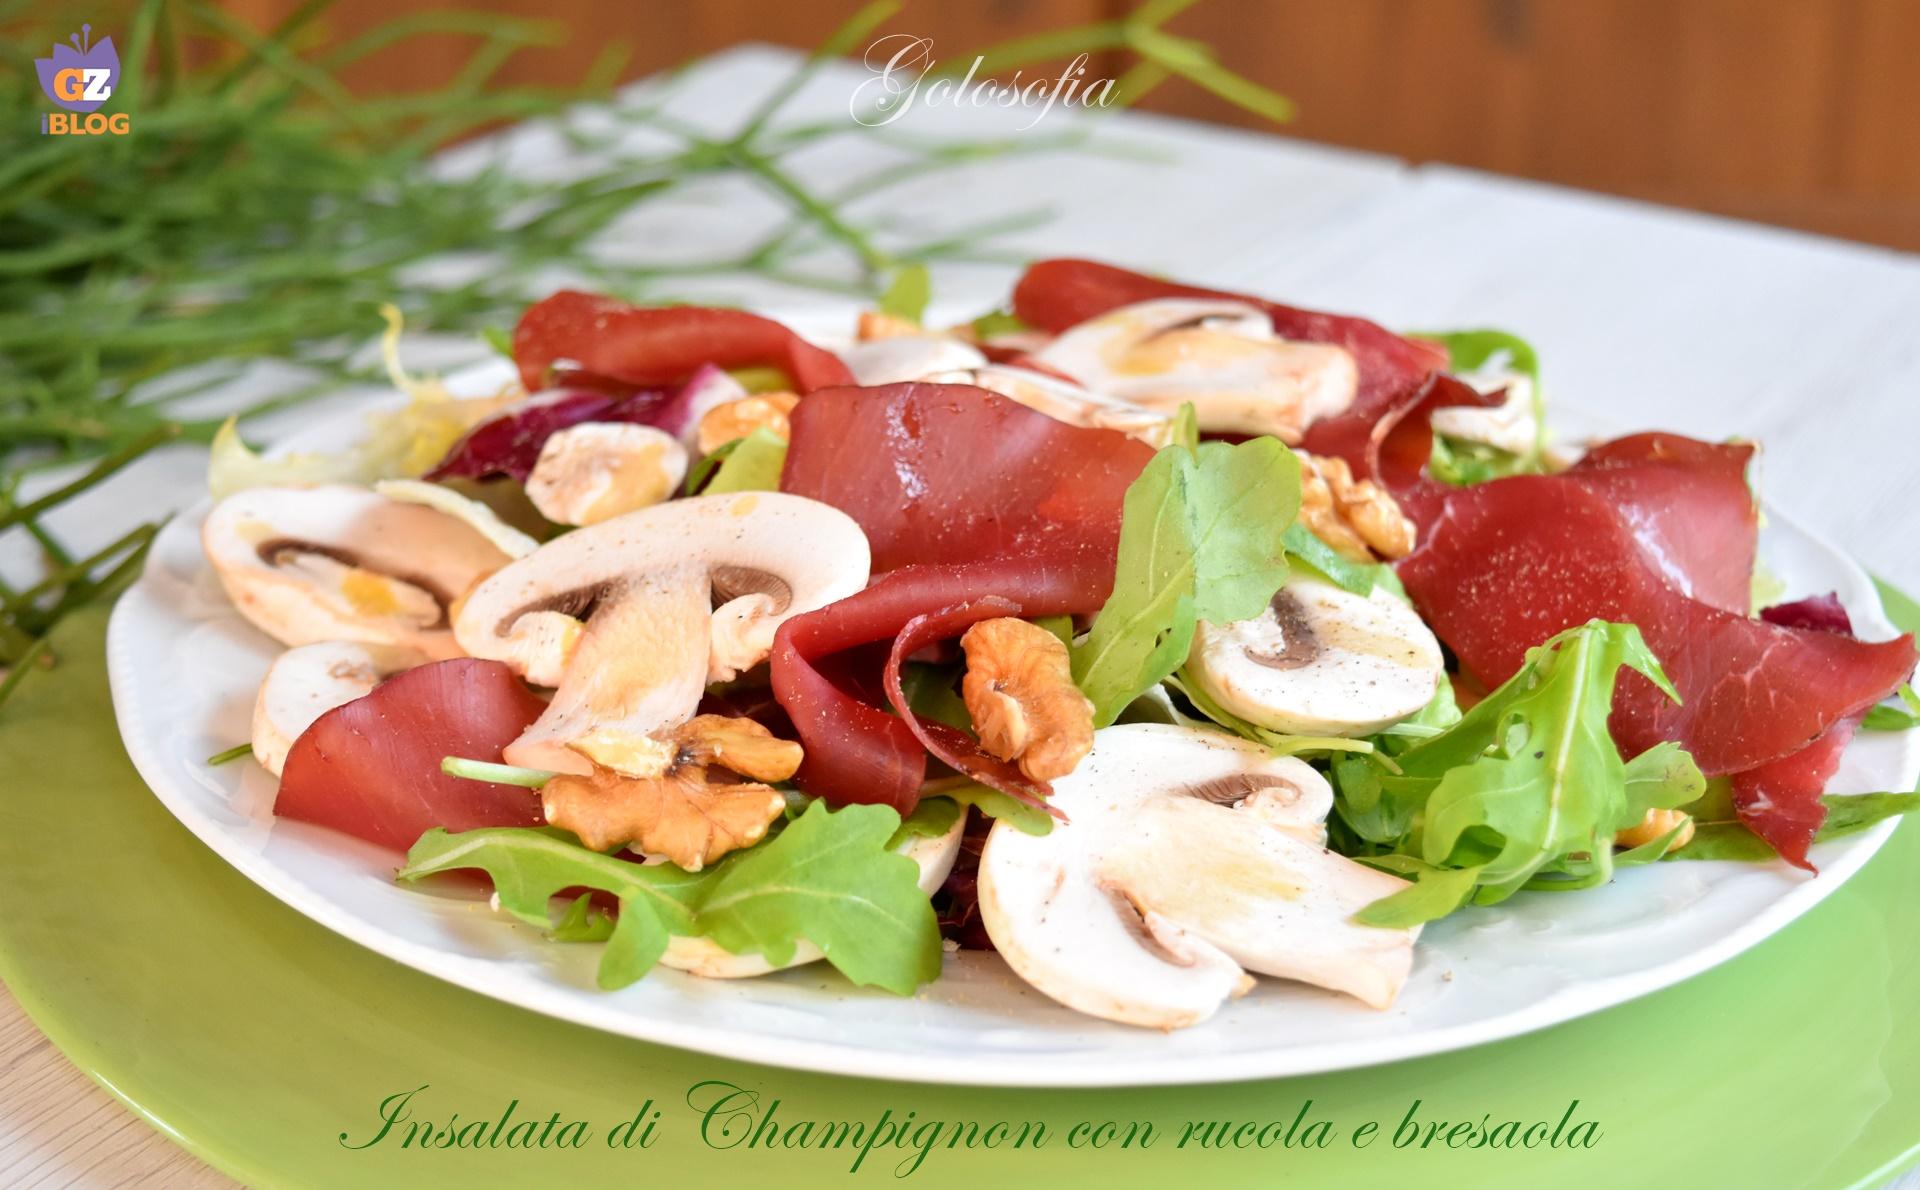 Insalata di Champignon con rucola e bresaola, ricetta gustosissima